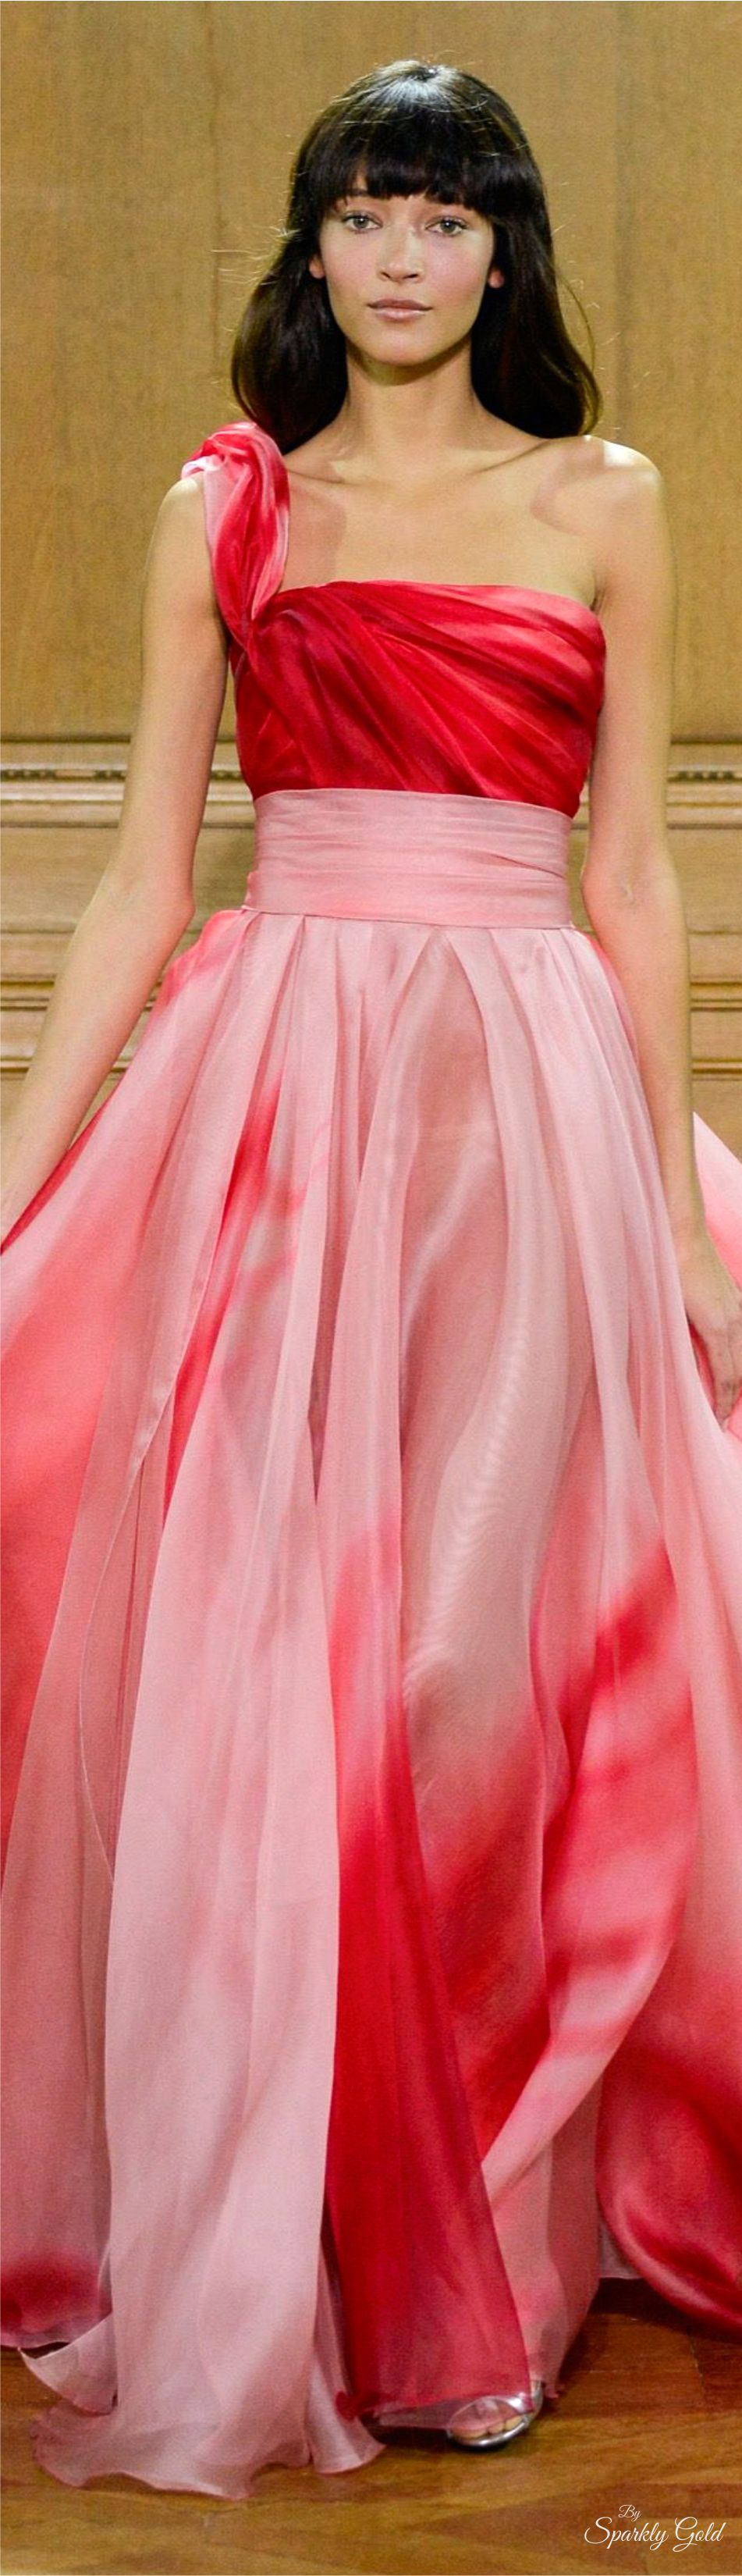 Hermosa Crear Un Vestido De Fiesta Festooning - Colección de ...